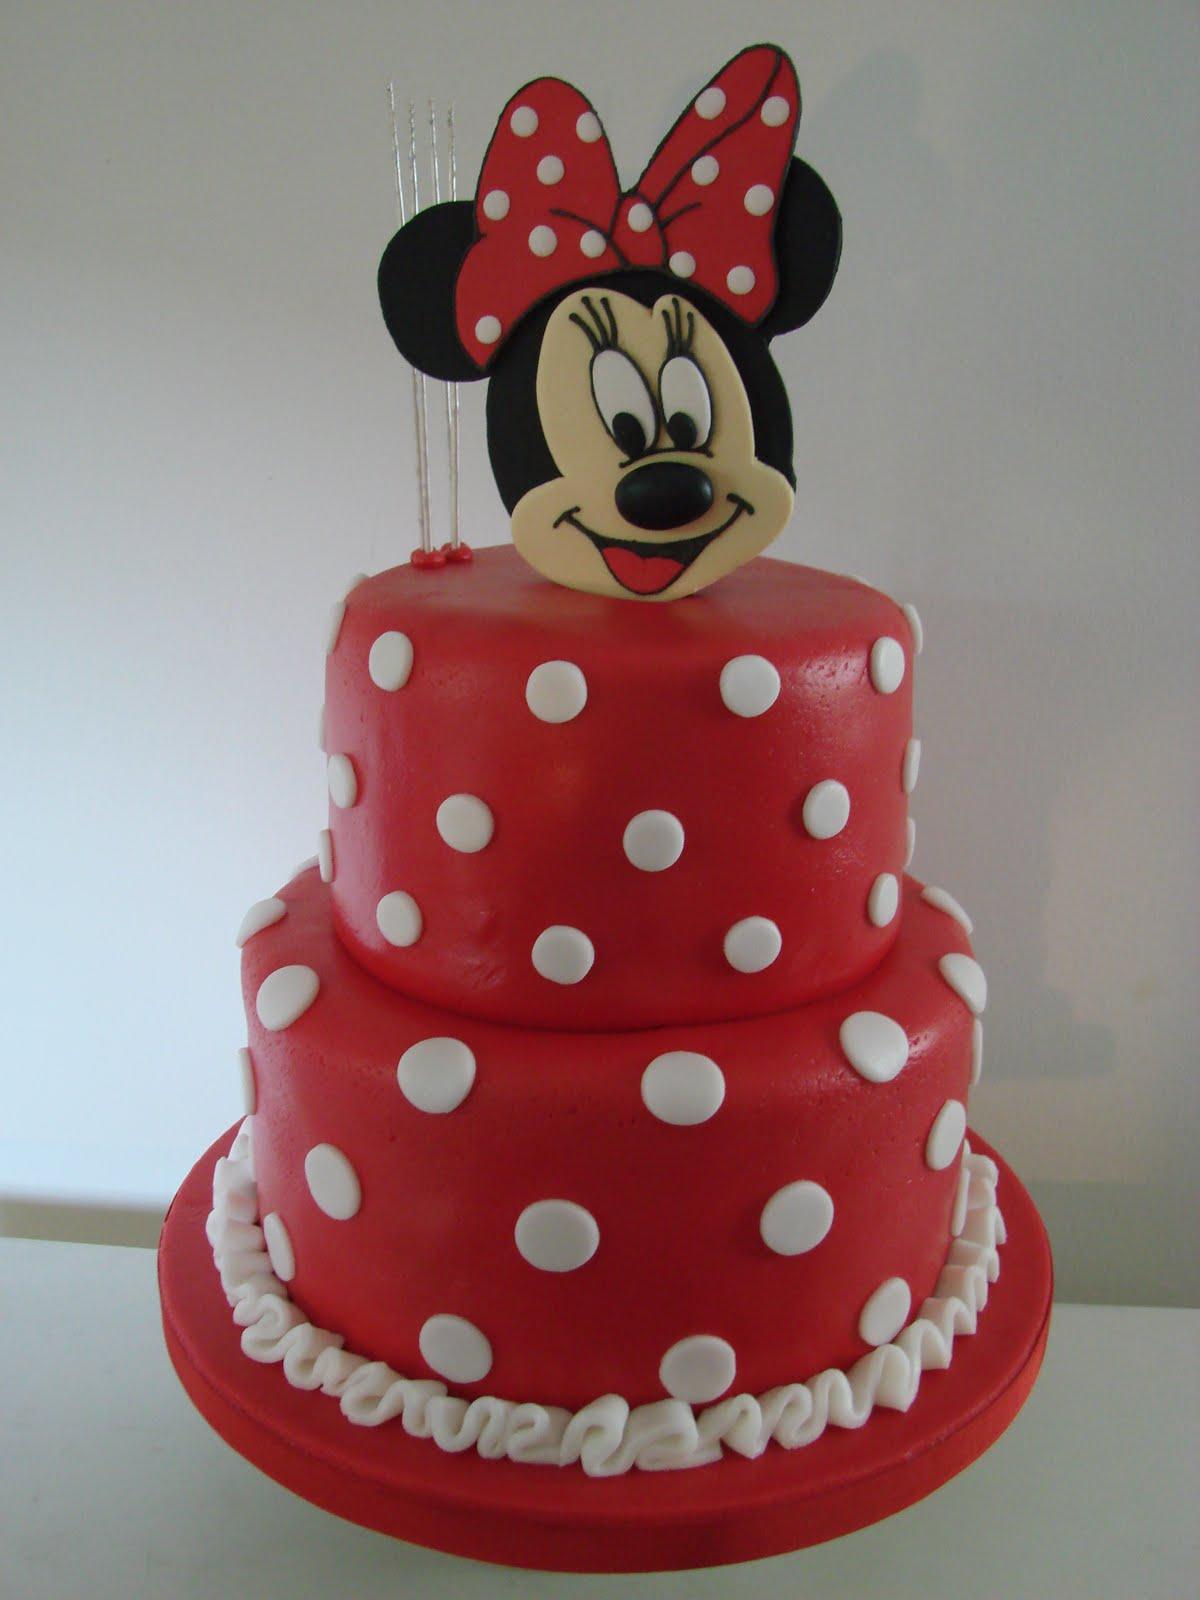 ... Minnie Mouse torta de vainilla con crema de chocolate cubierta de